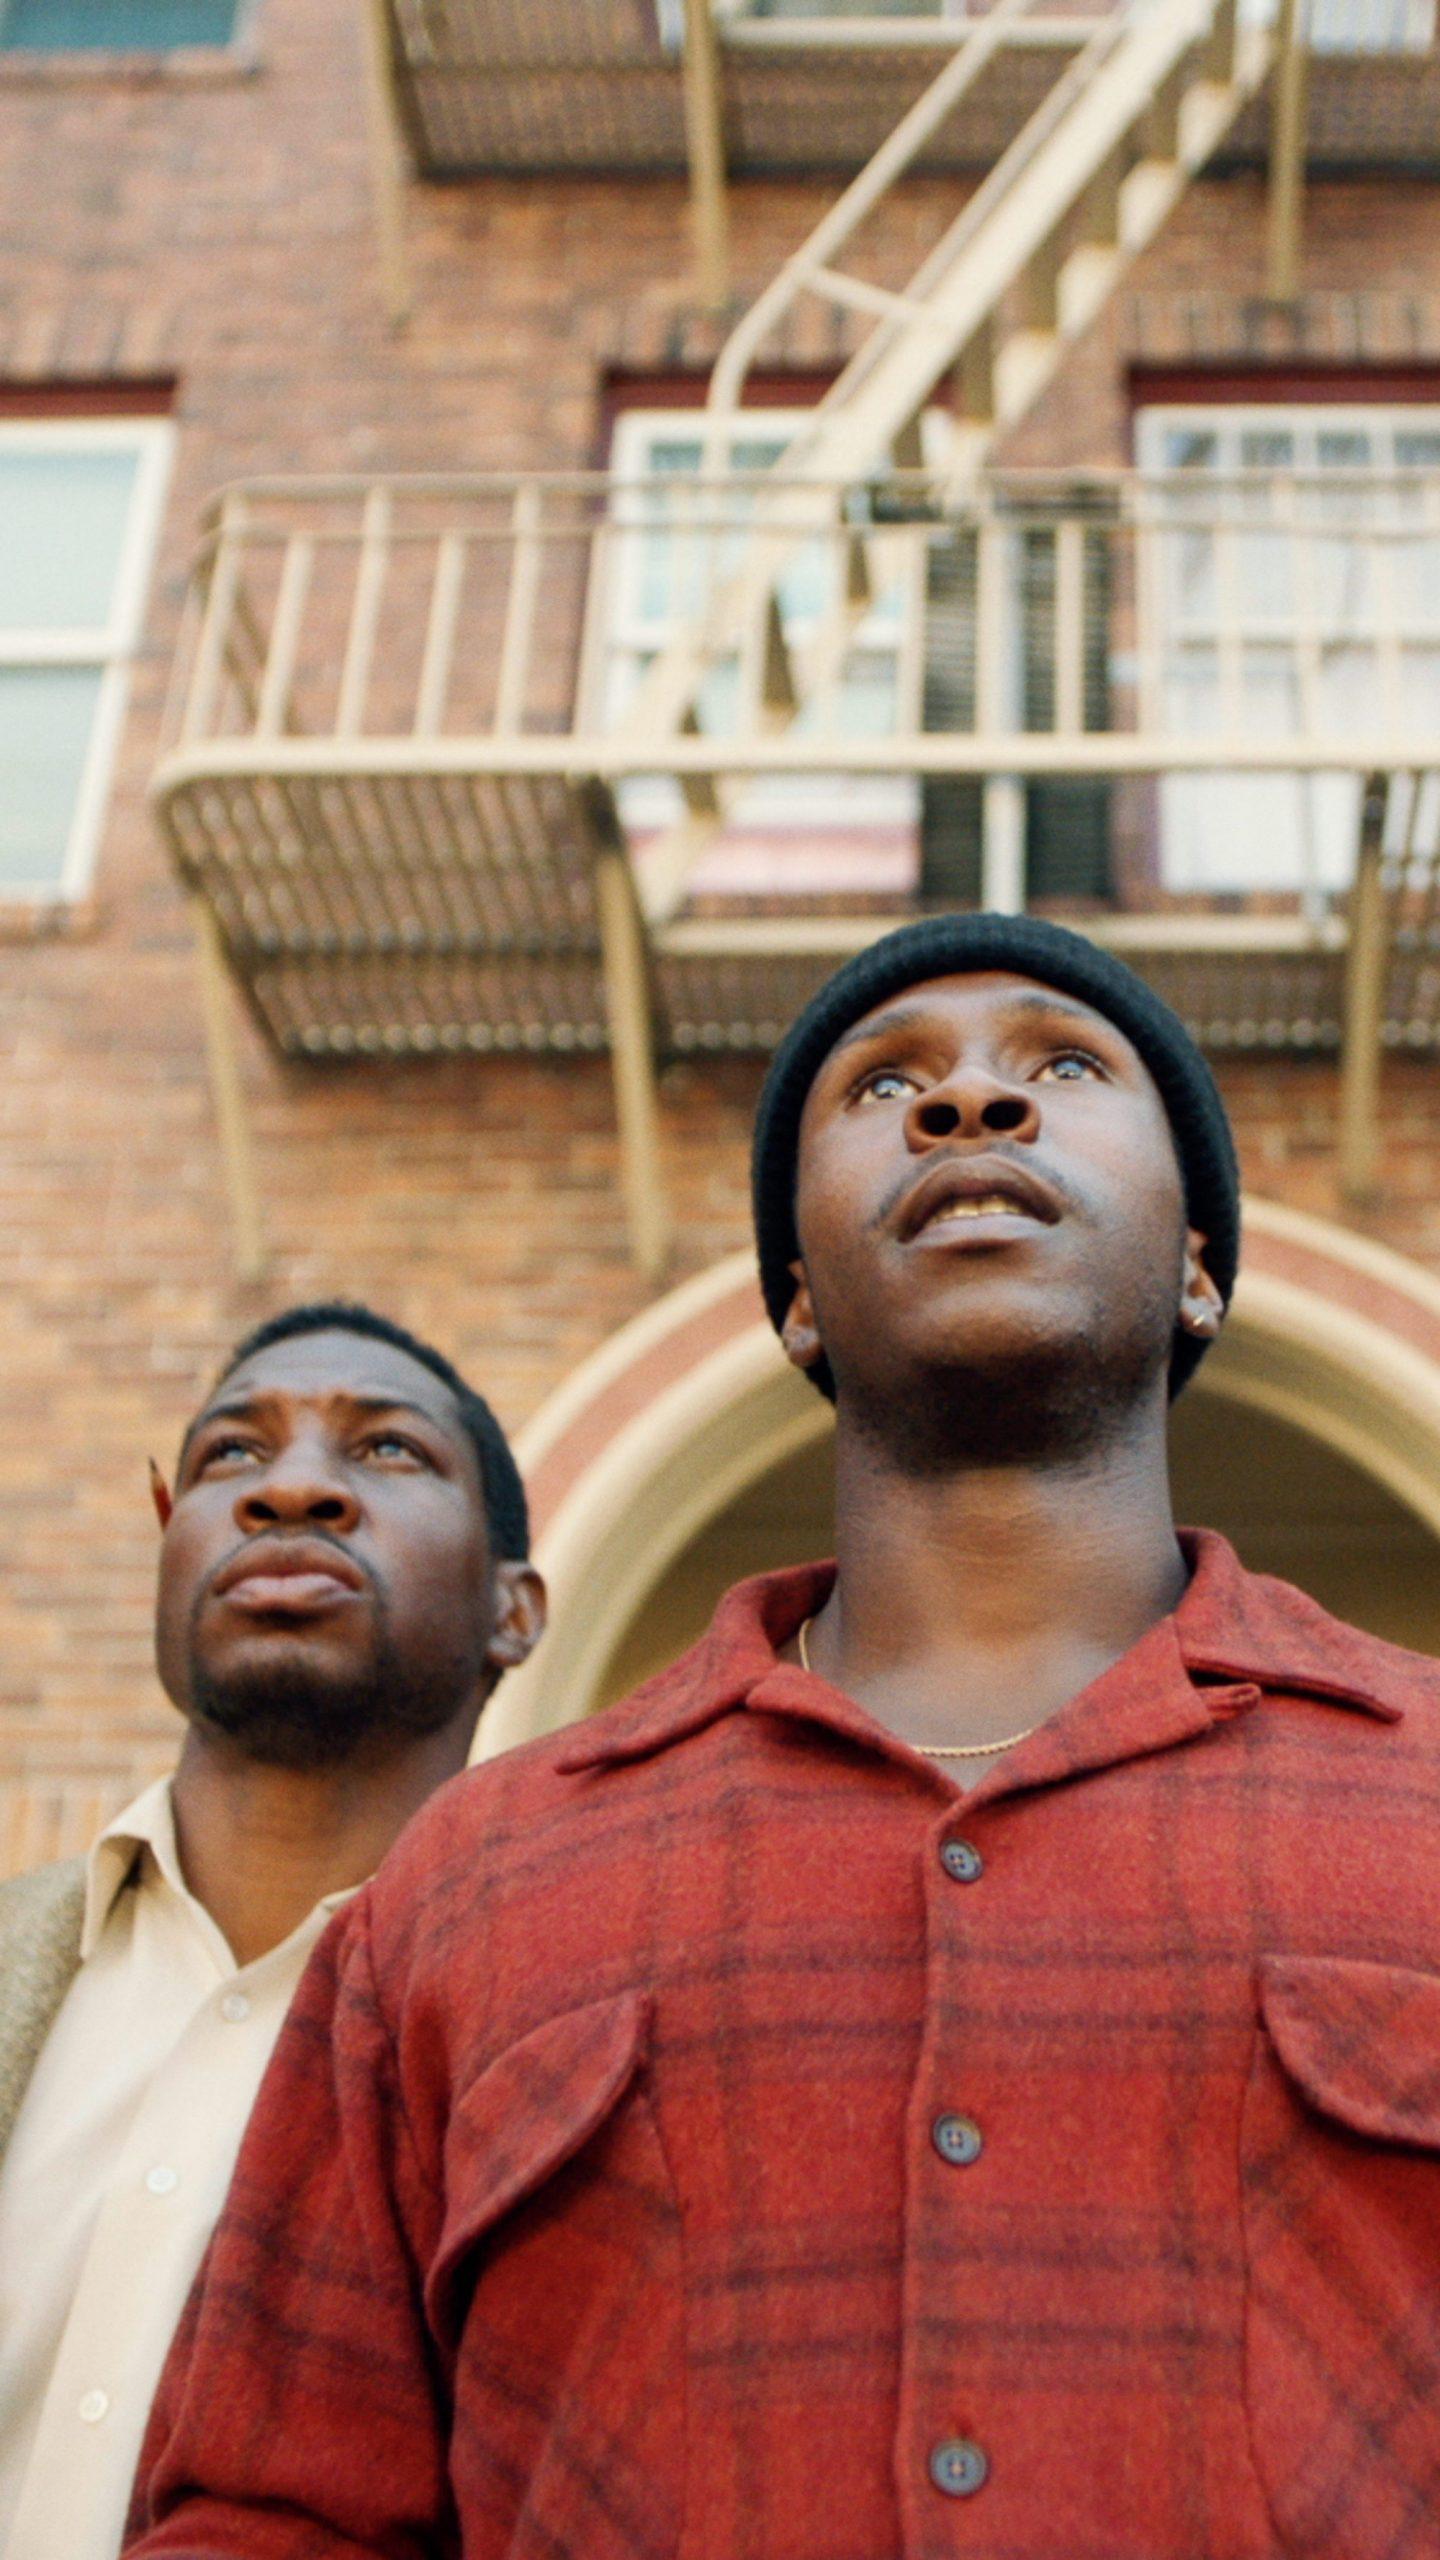 دانلود فیلم The Last Black Man in San Francisco 2019